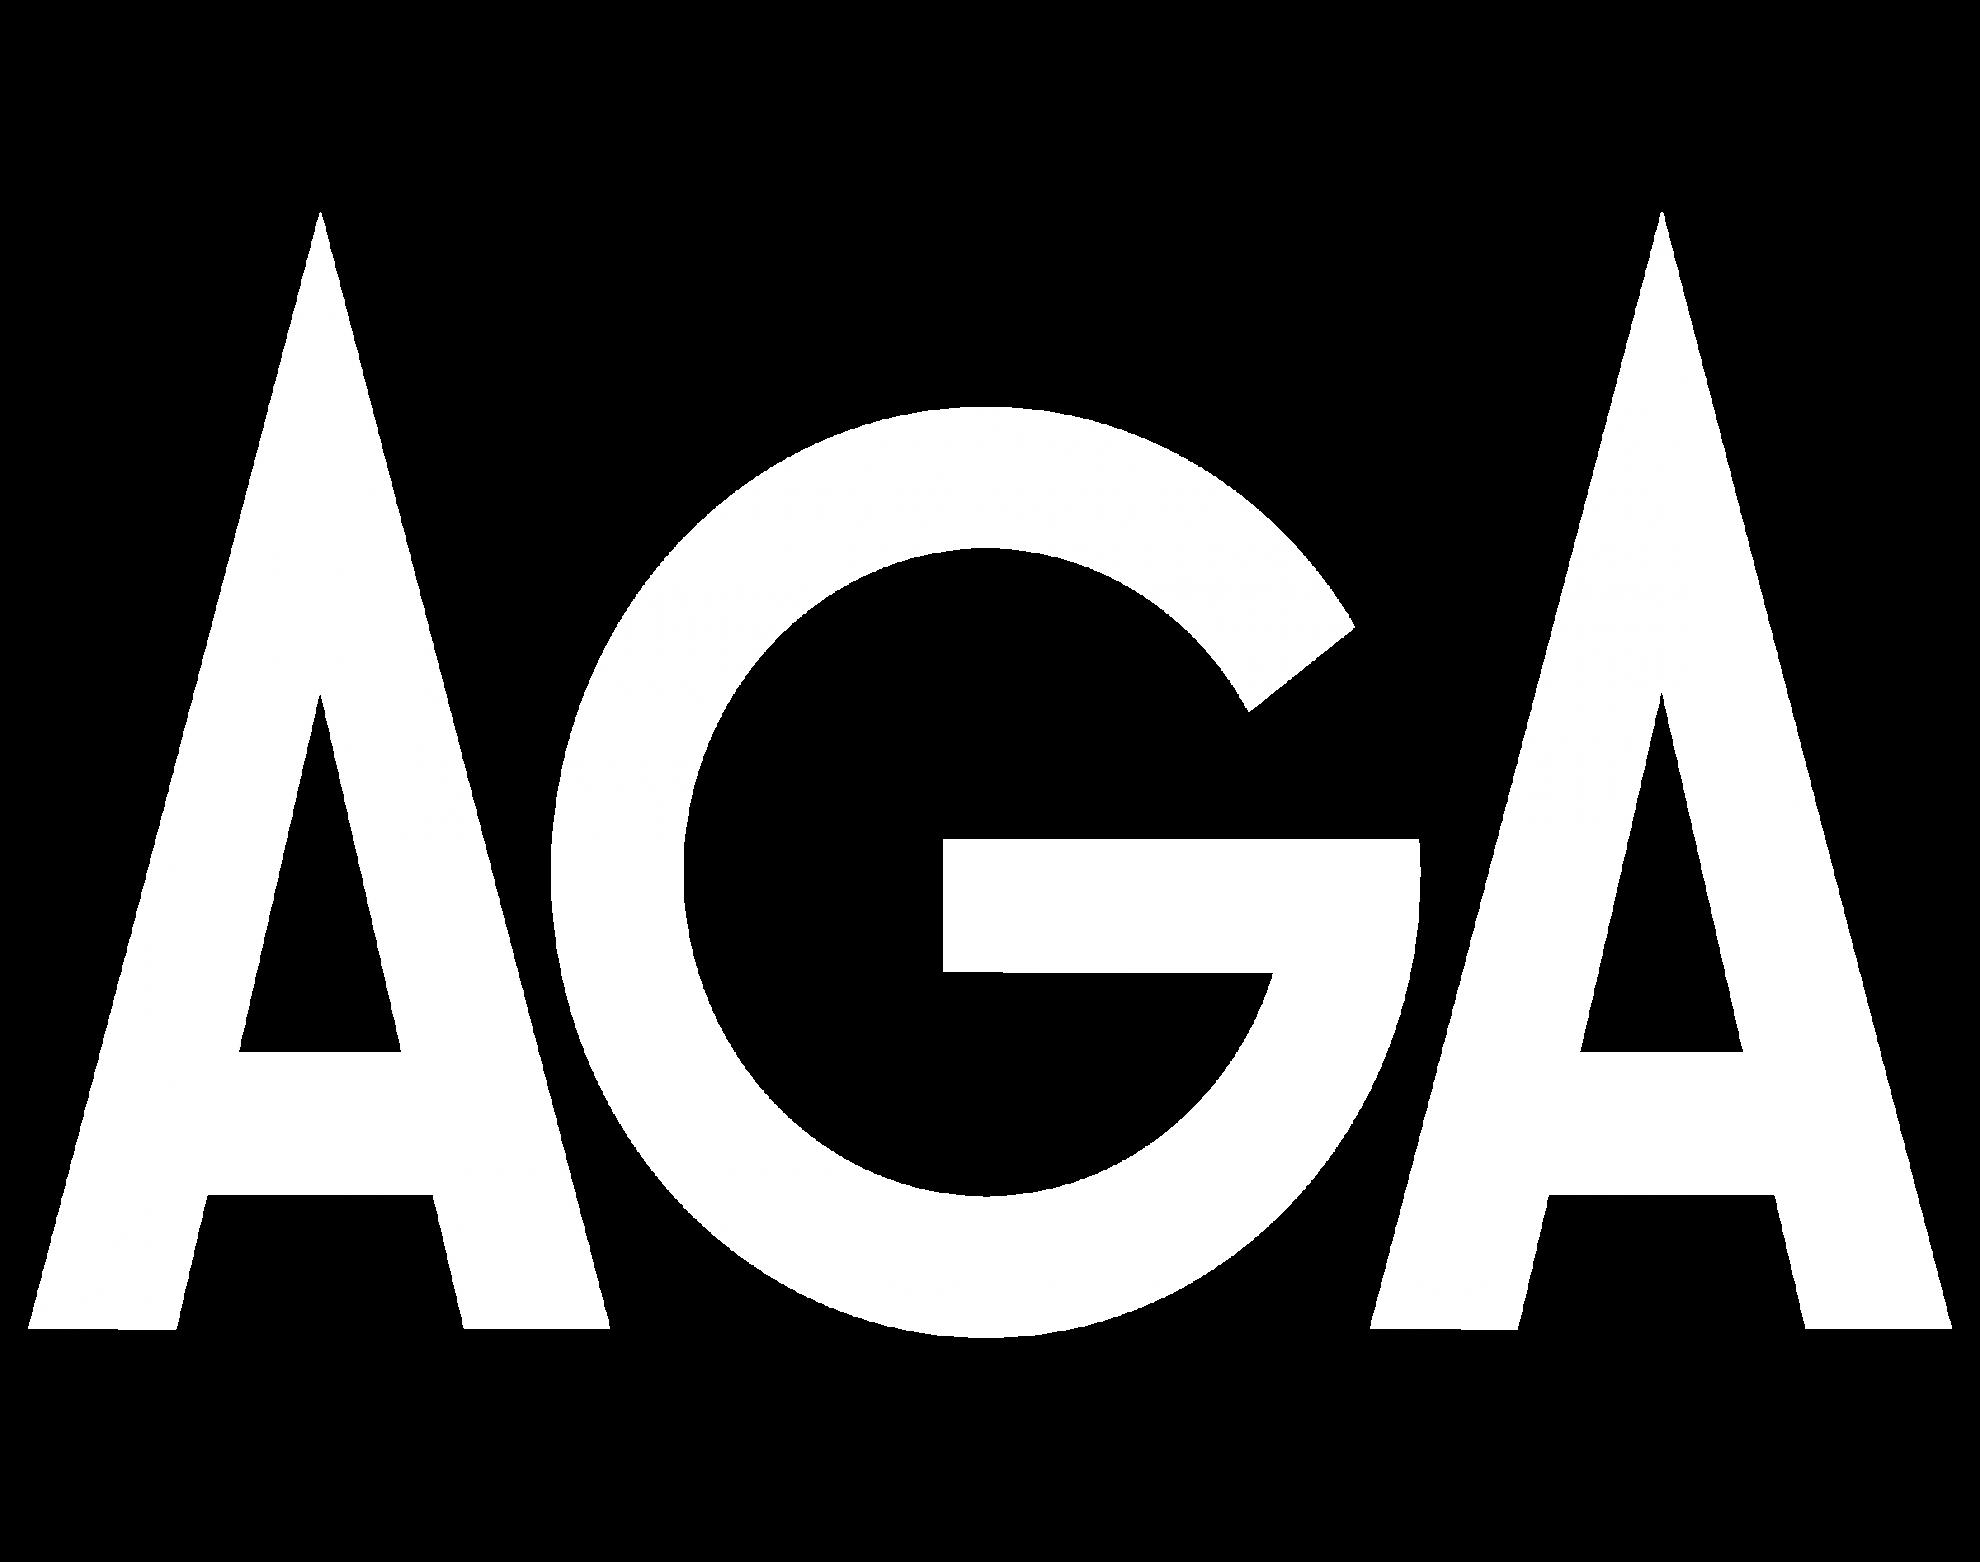 AGA Logotype white